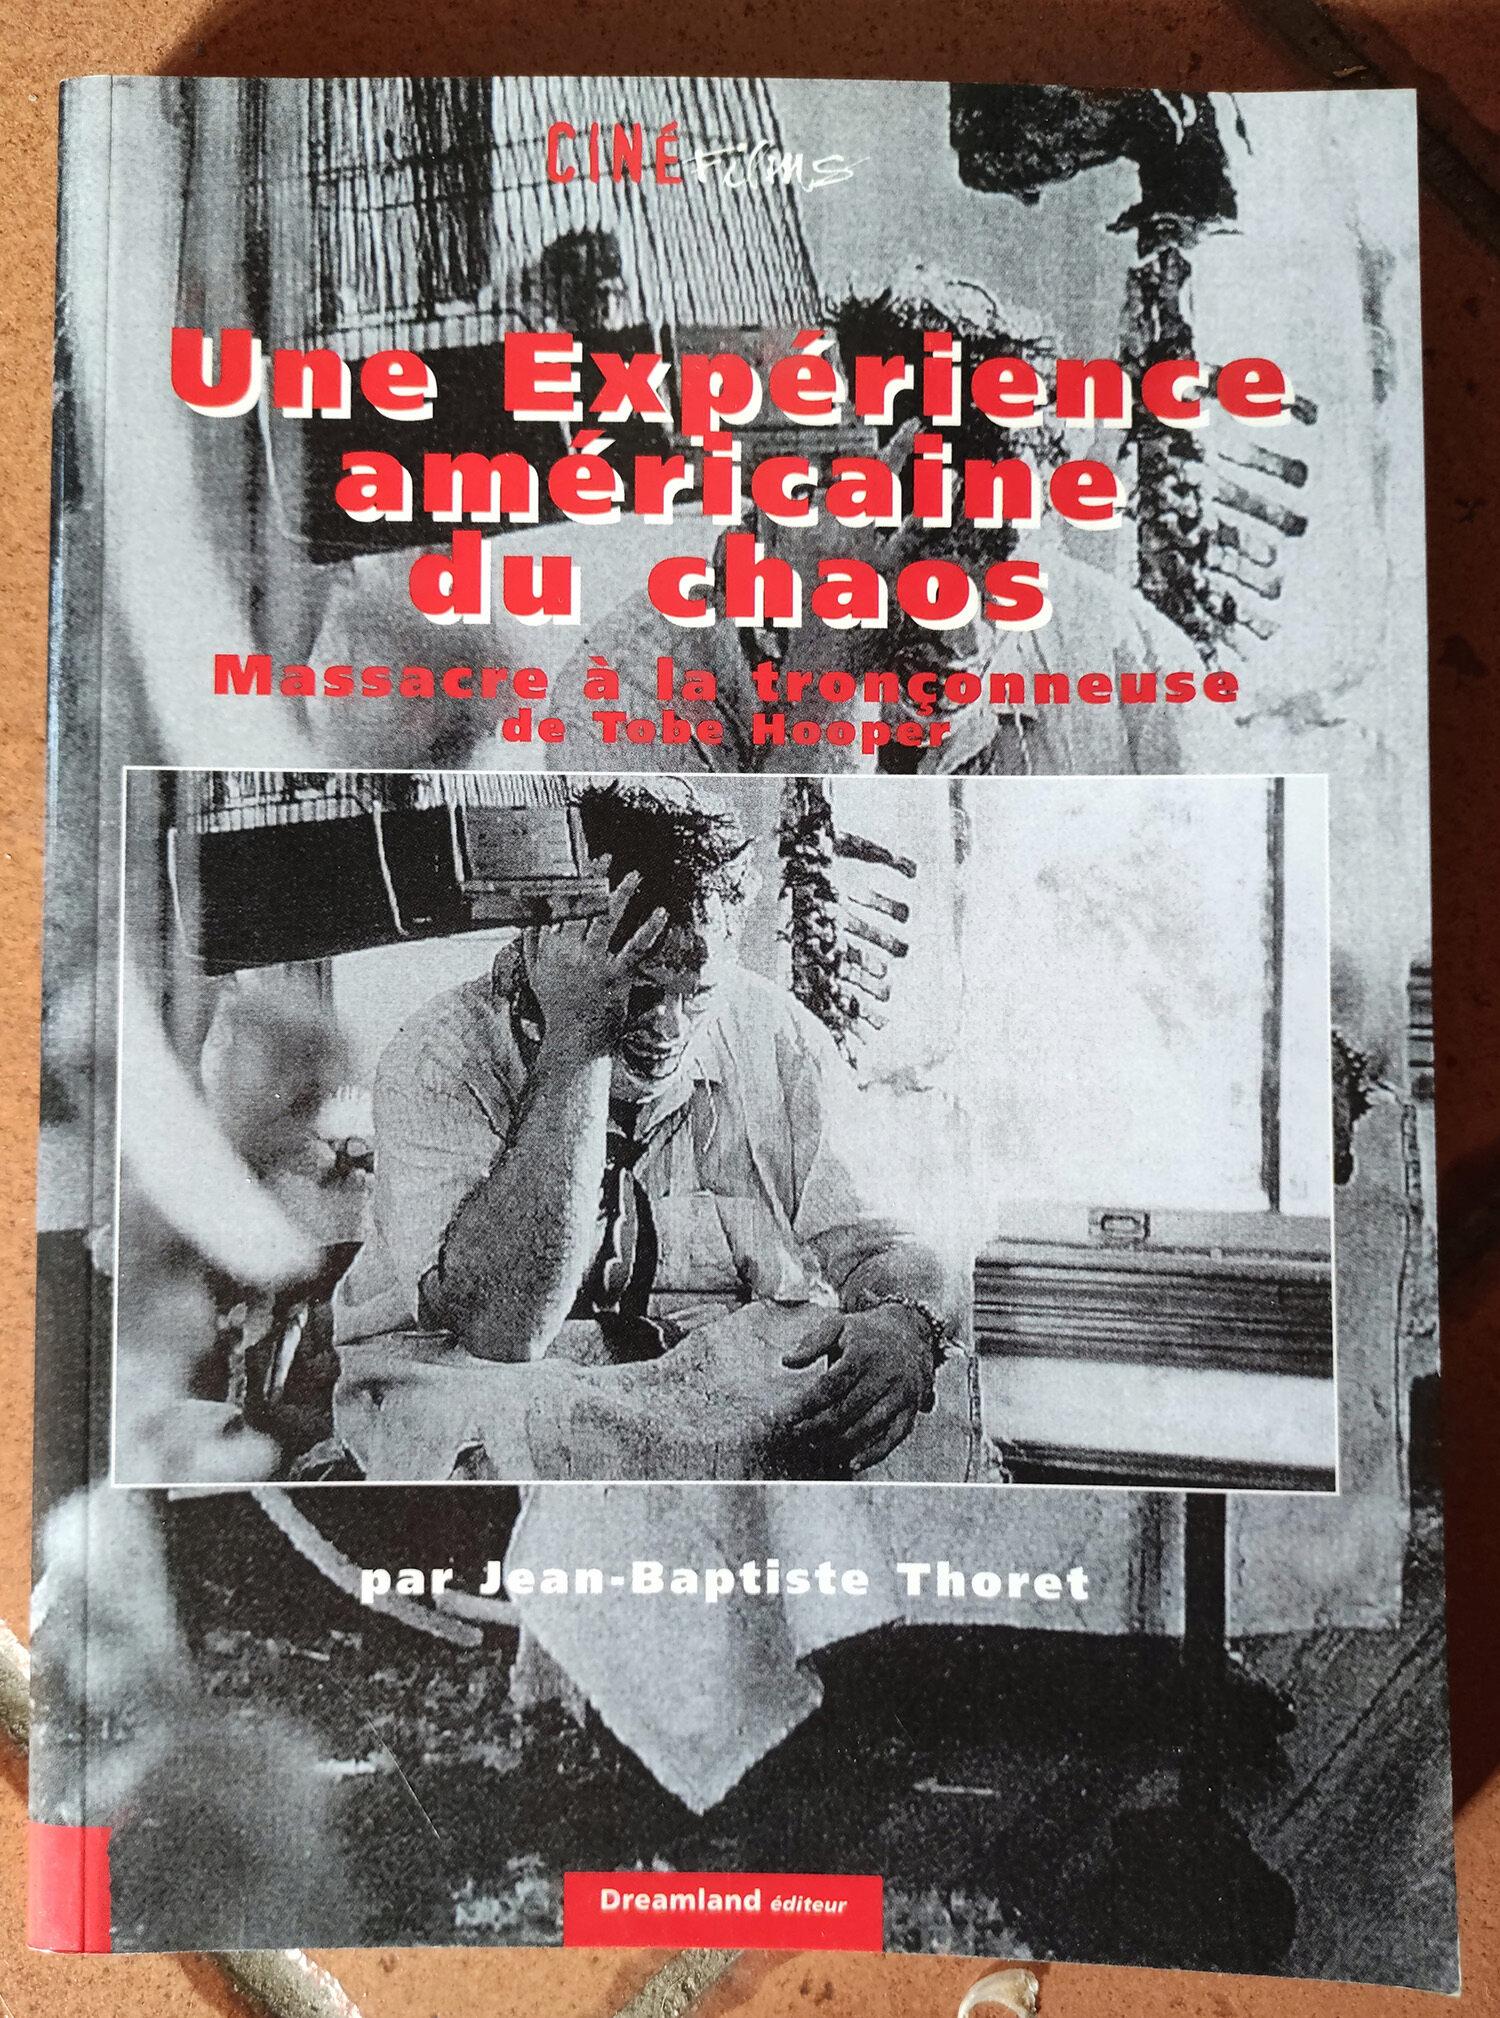 Livres,musiques, jeux, films, courts métrages de l'horreur et de l'épouvante ... 16332011